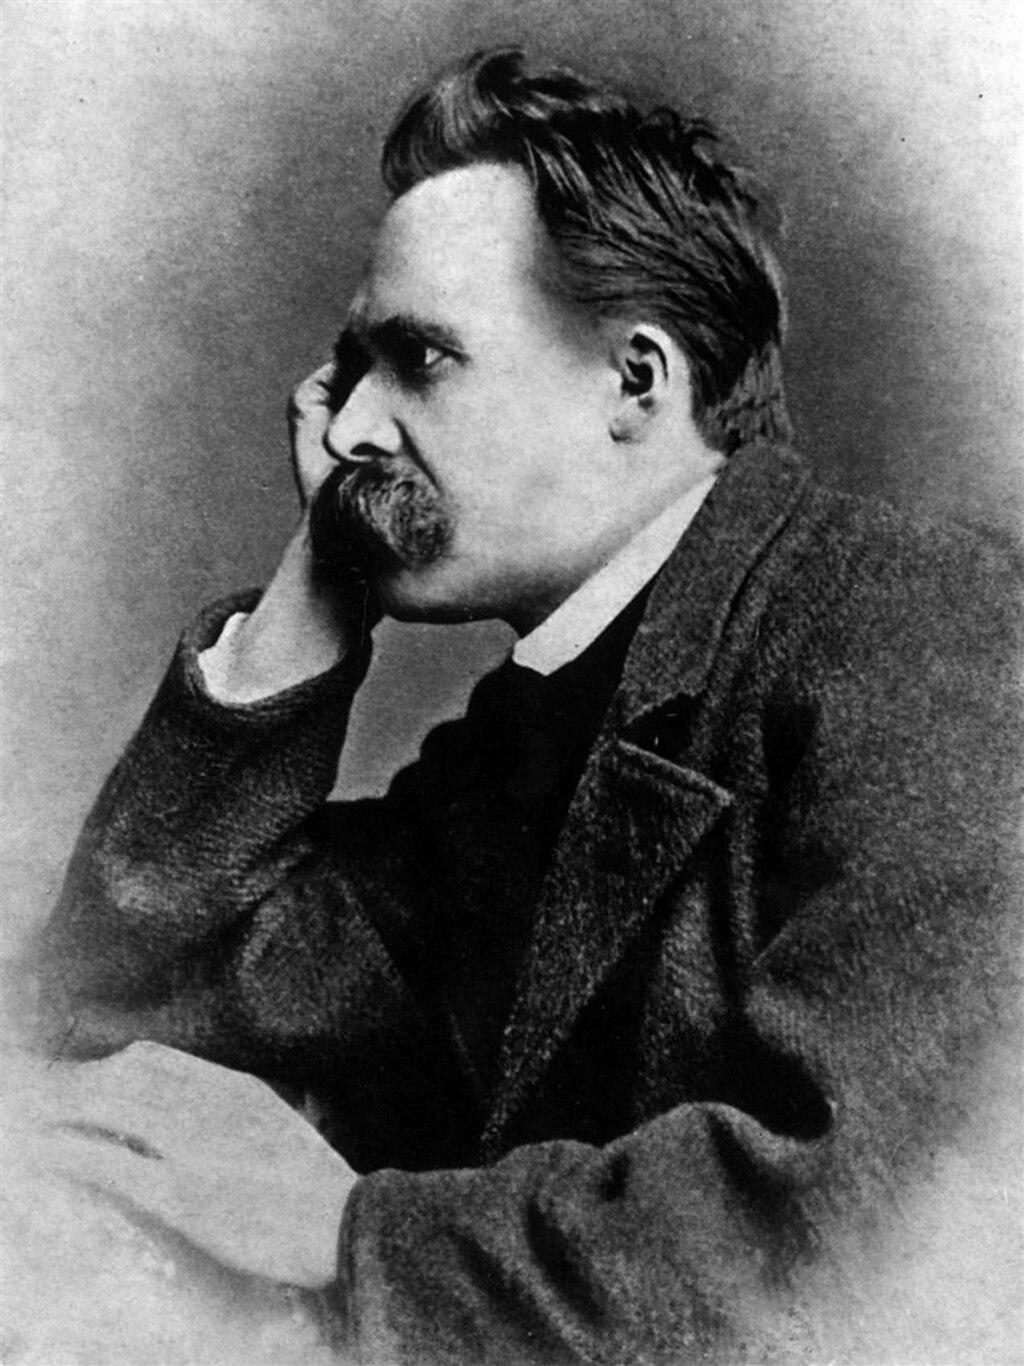 フリードリヒ・ニーチェ(Friedrich Nietzsche)Wikipediaより